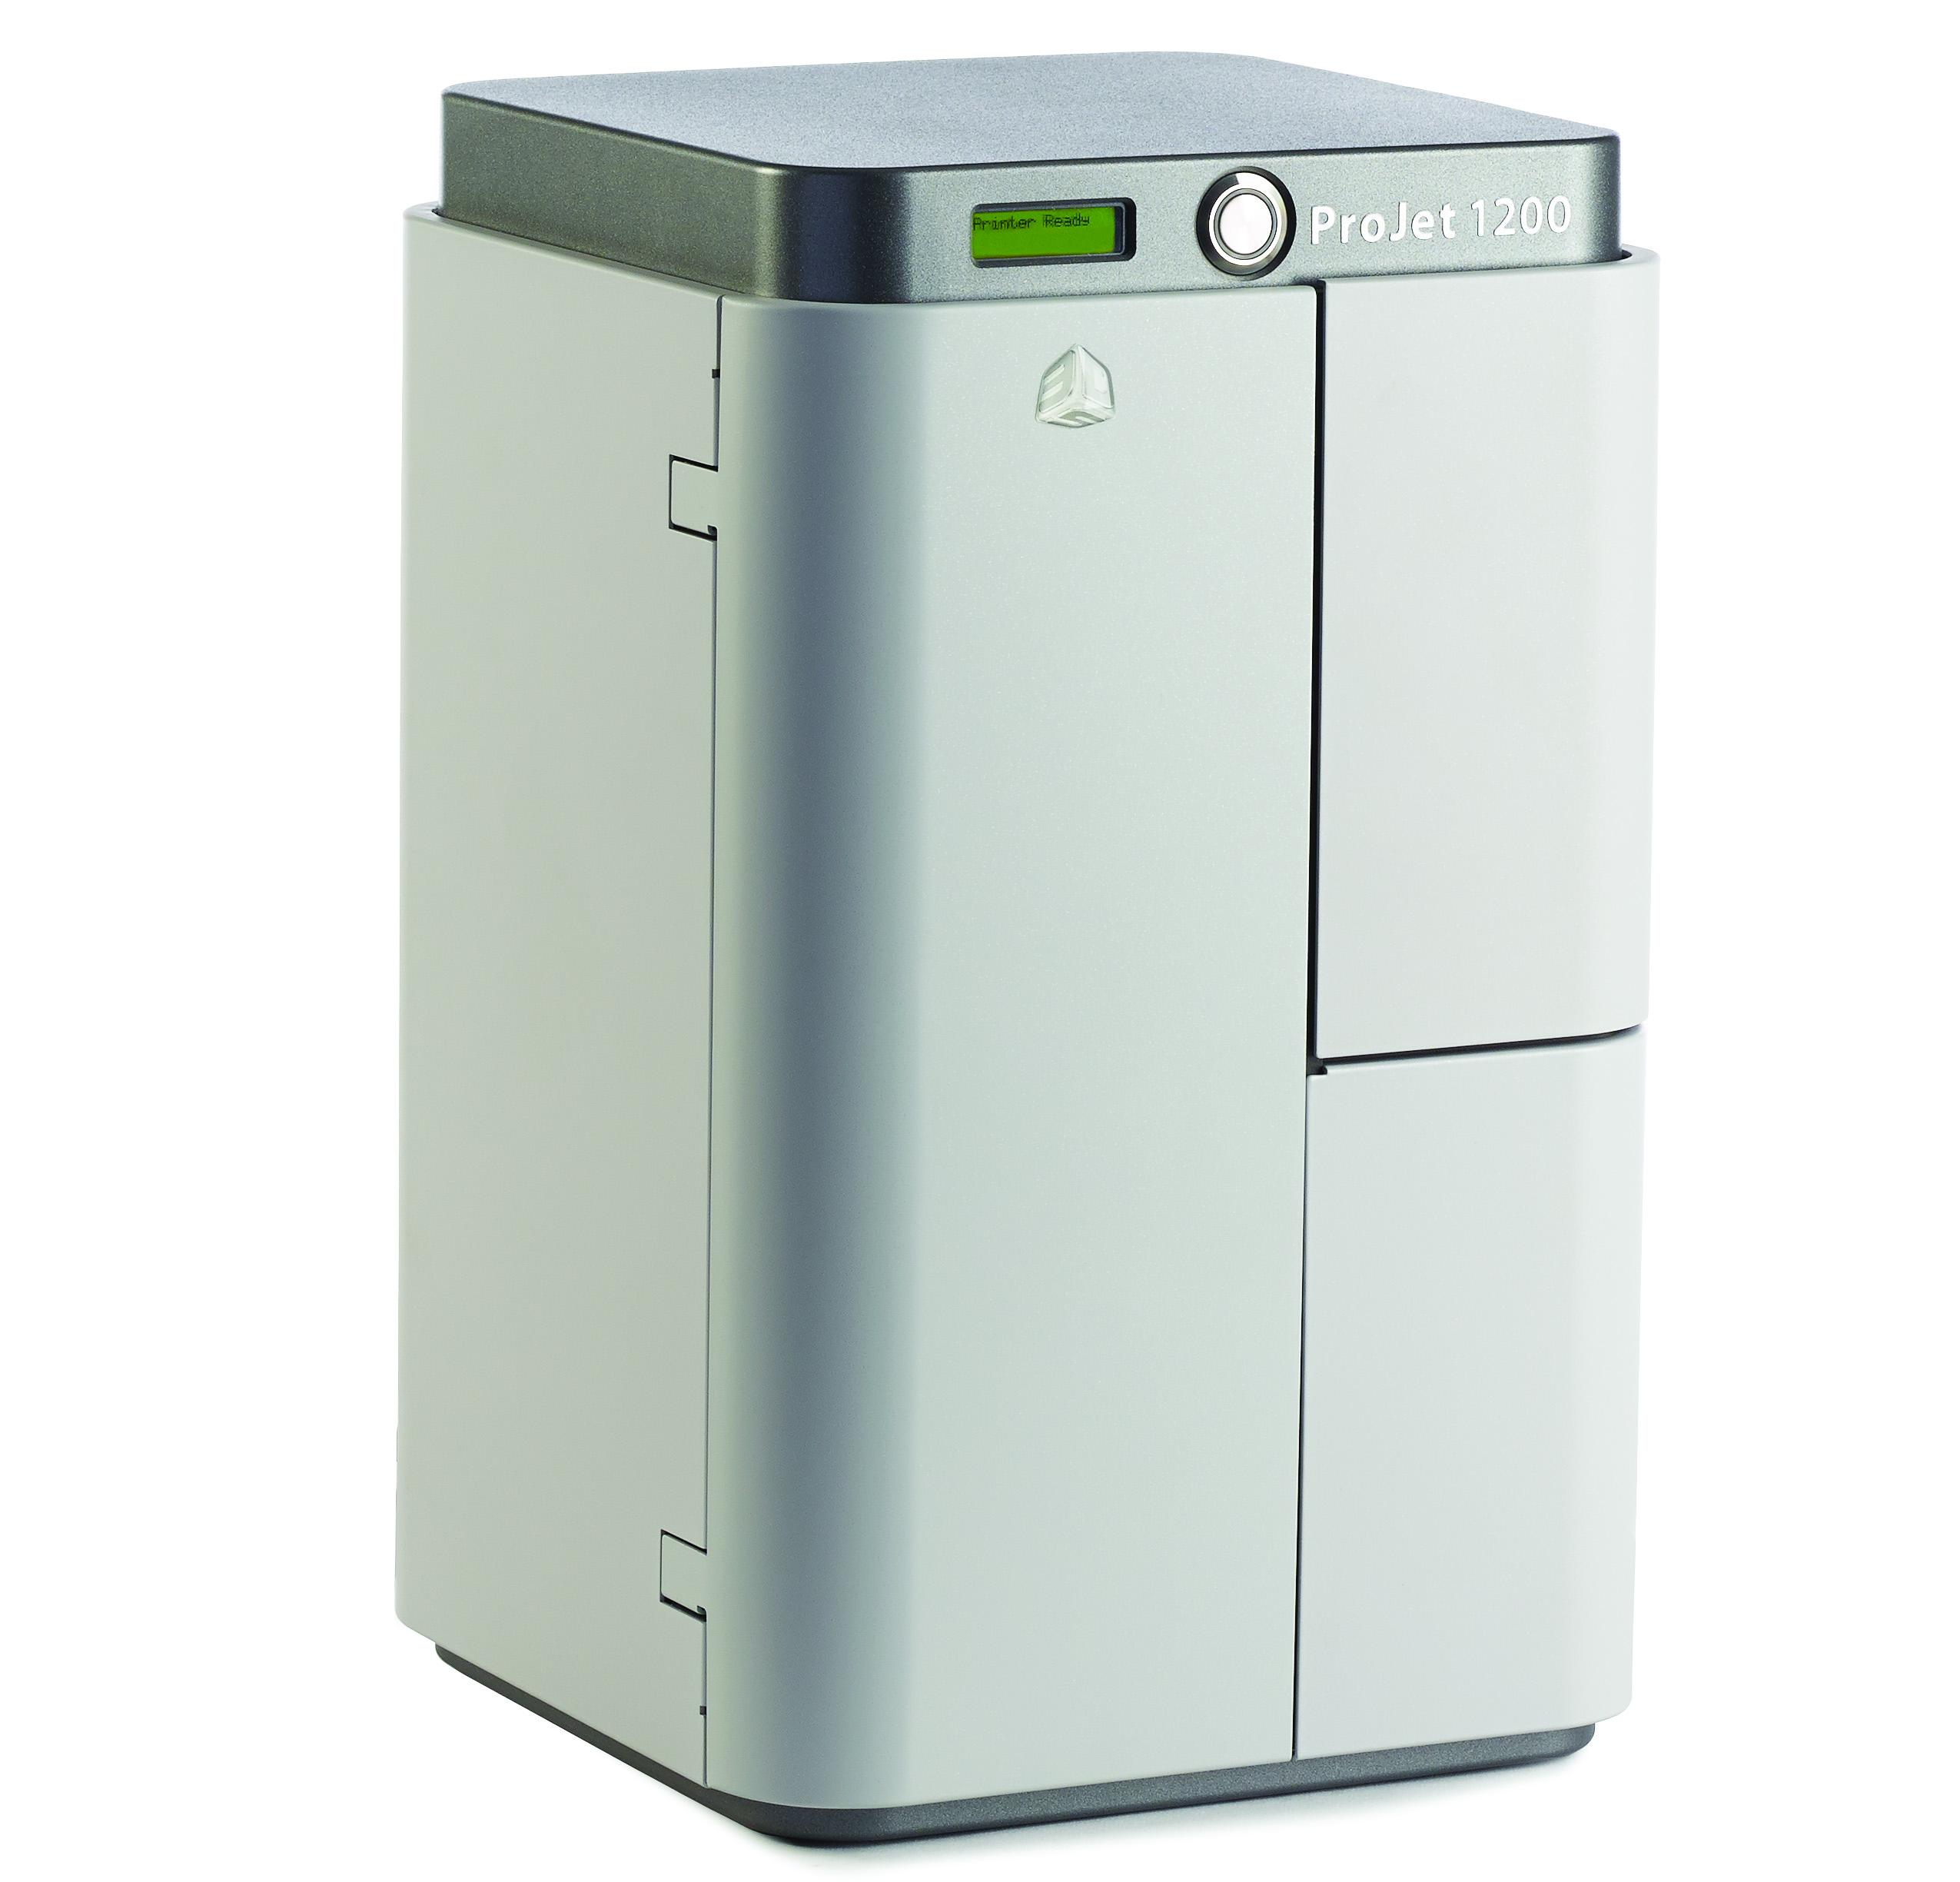 Imprimante 3D printer projet 1200 3D Systems